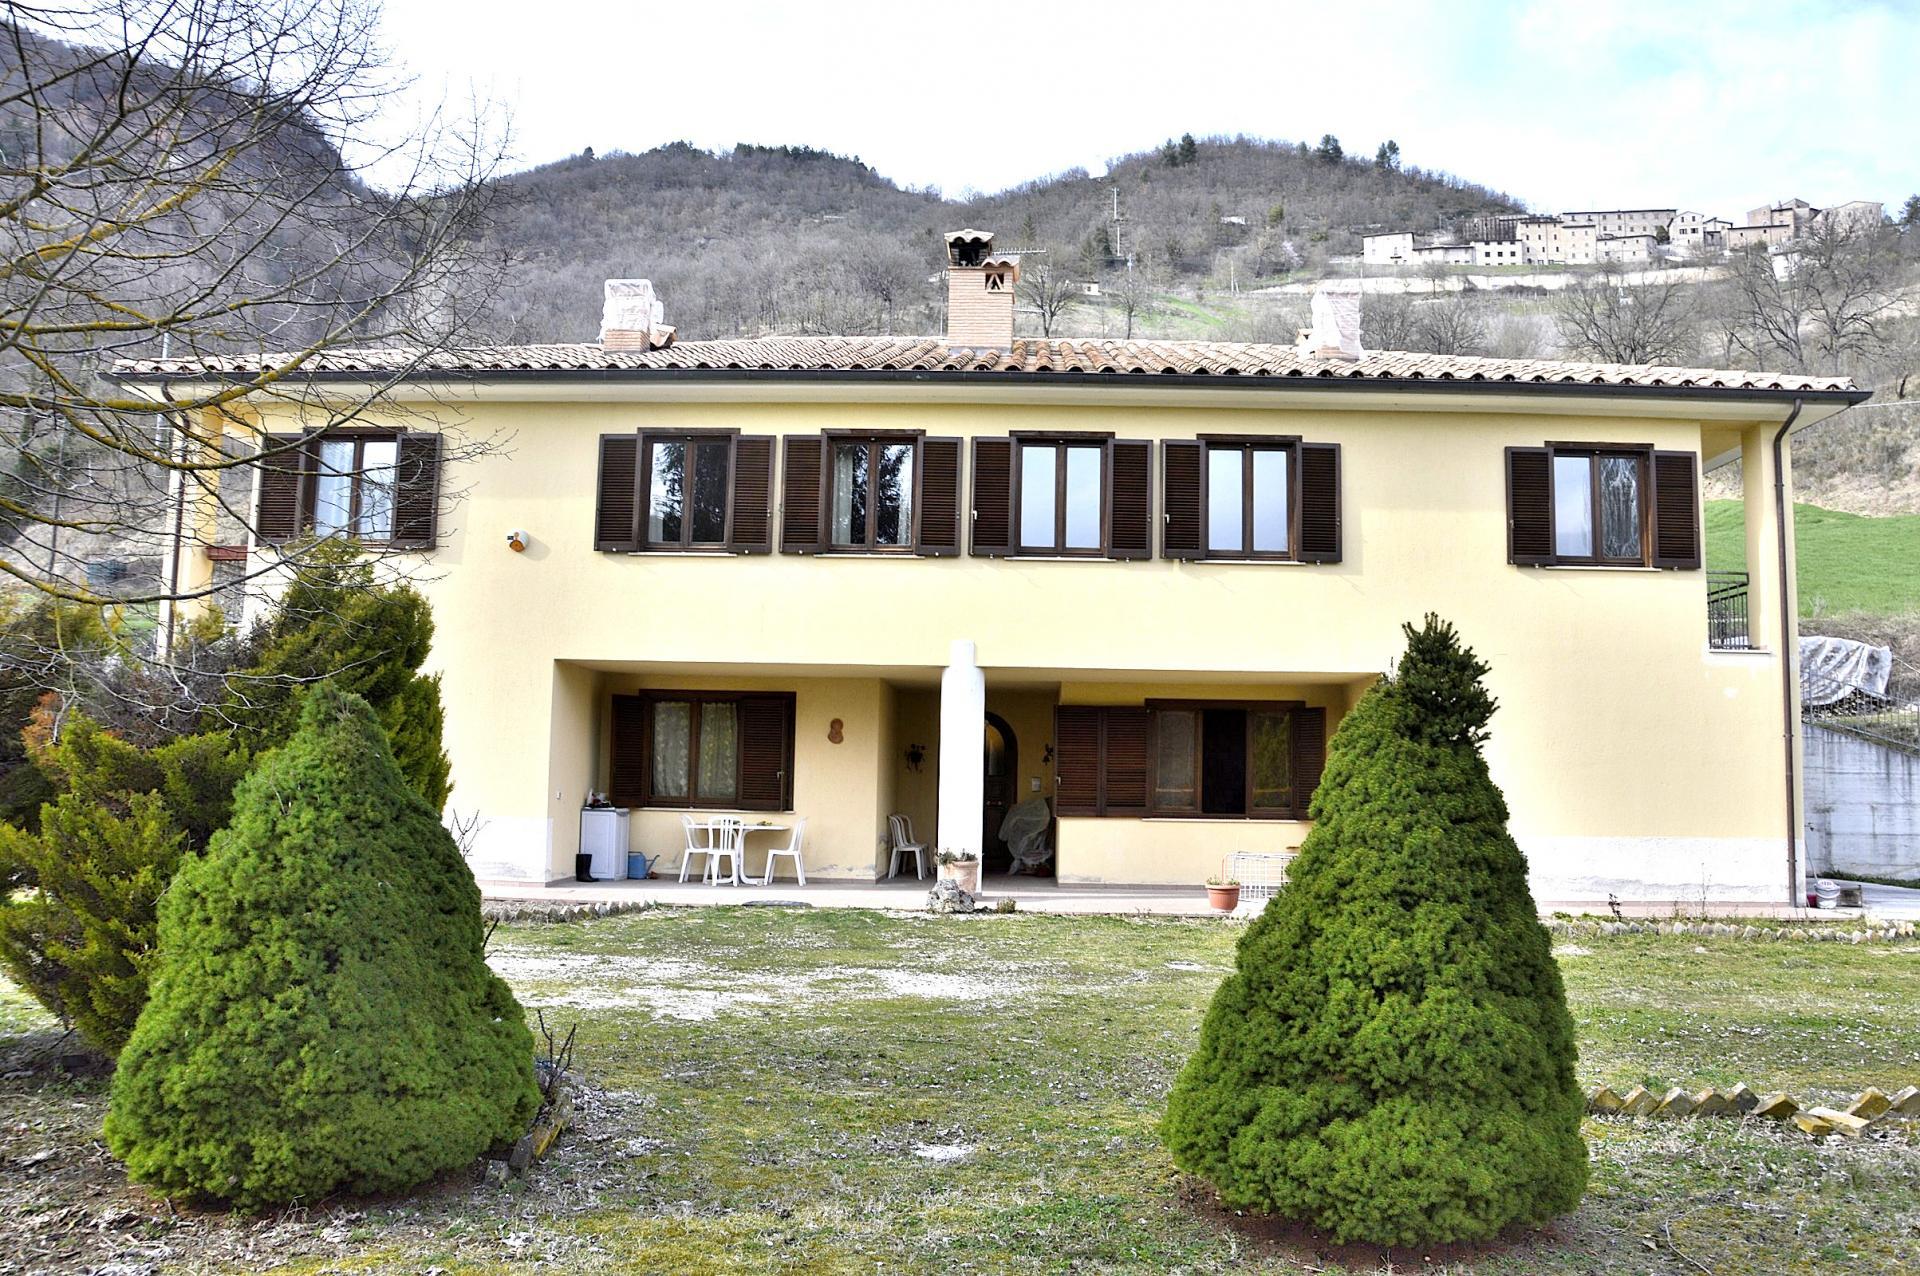 Rustico / Casale in vendita a Sellano, 16 locali, zona Zona: Postignano, prezzo € 399.000 | Cambio Casa.it